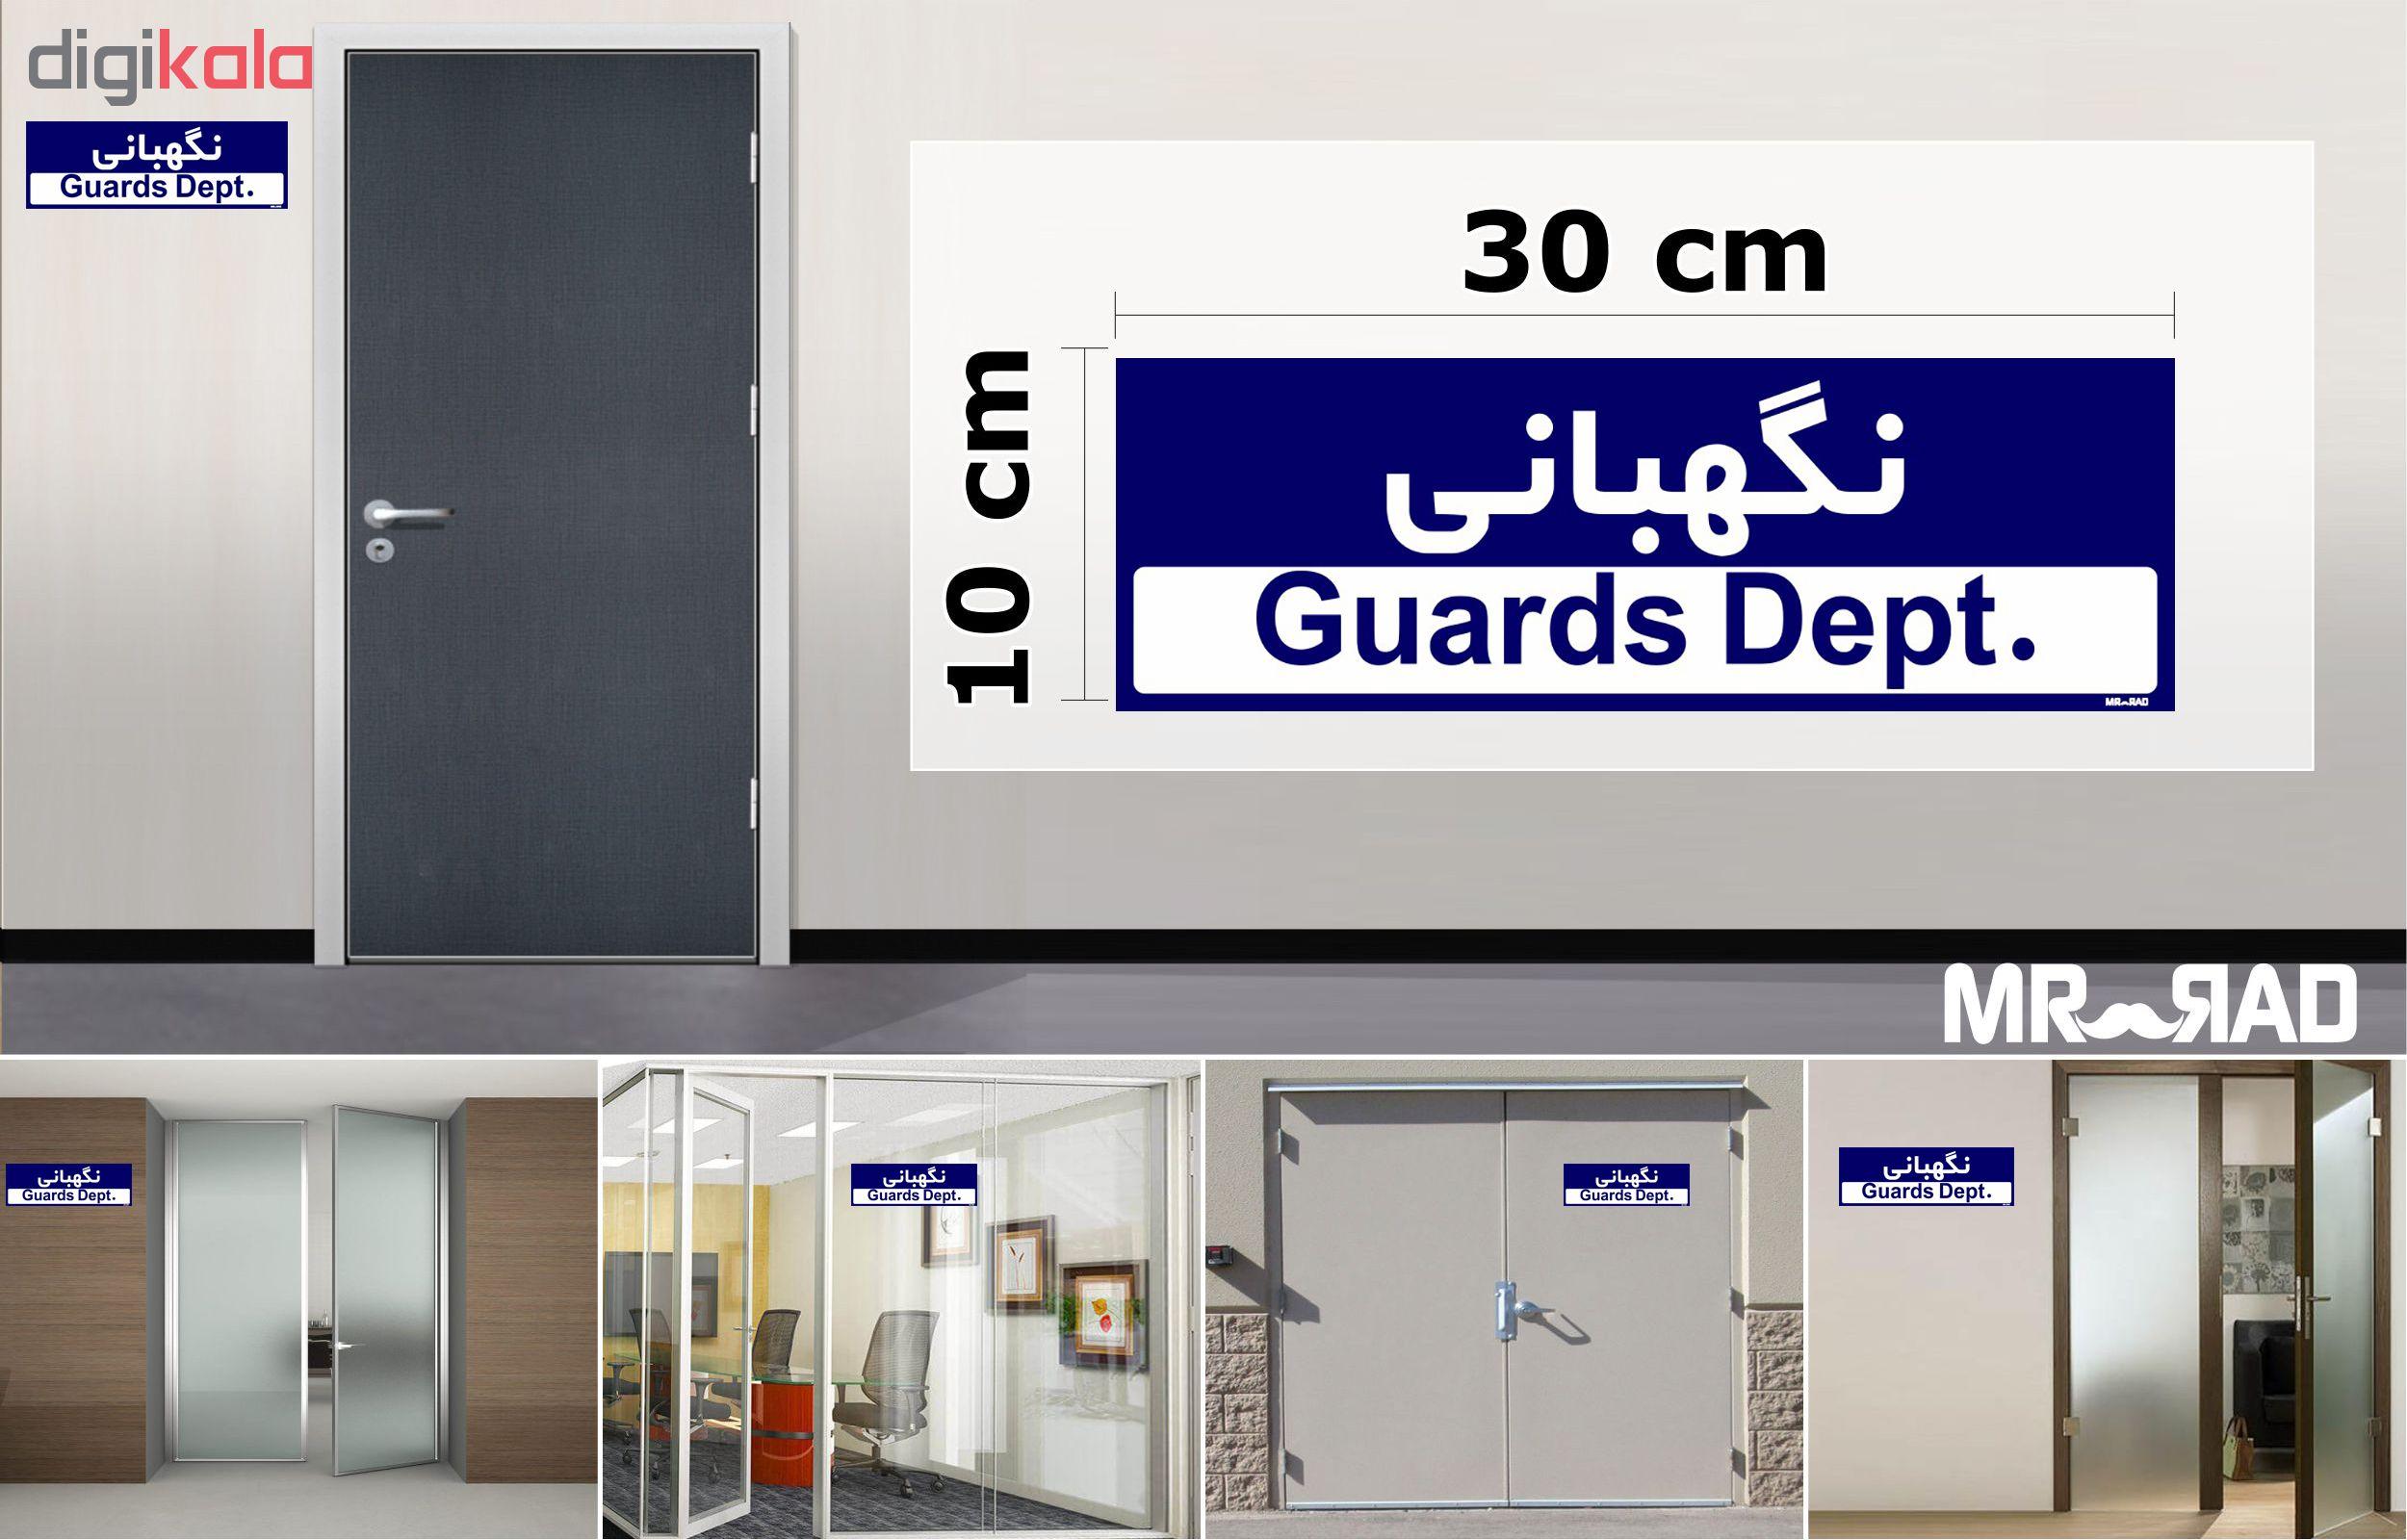 تابلو راهنمای اتاق  FG طرح نگهبانی کدTHO0243